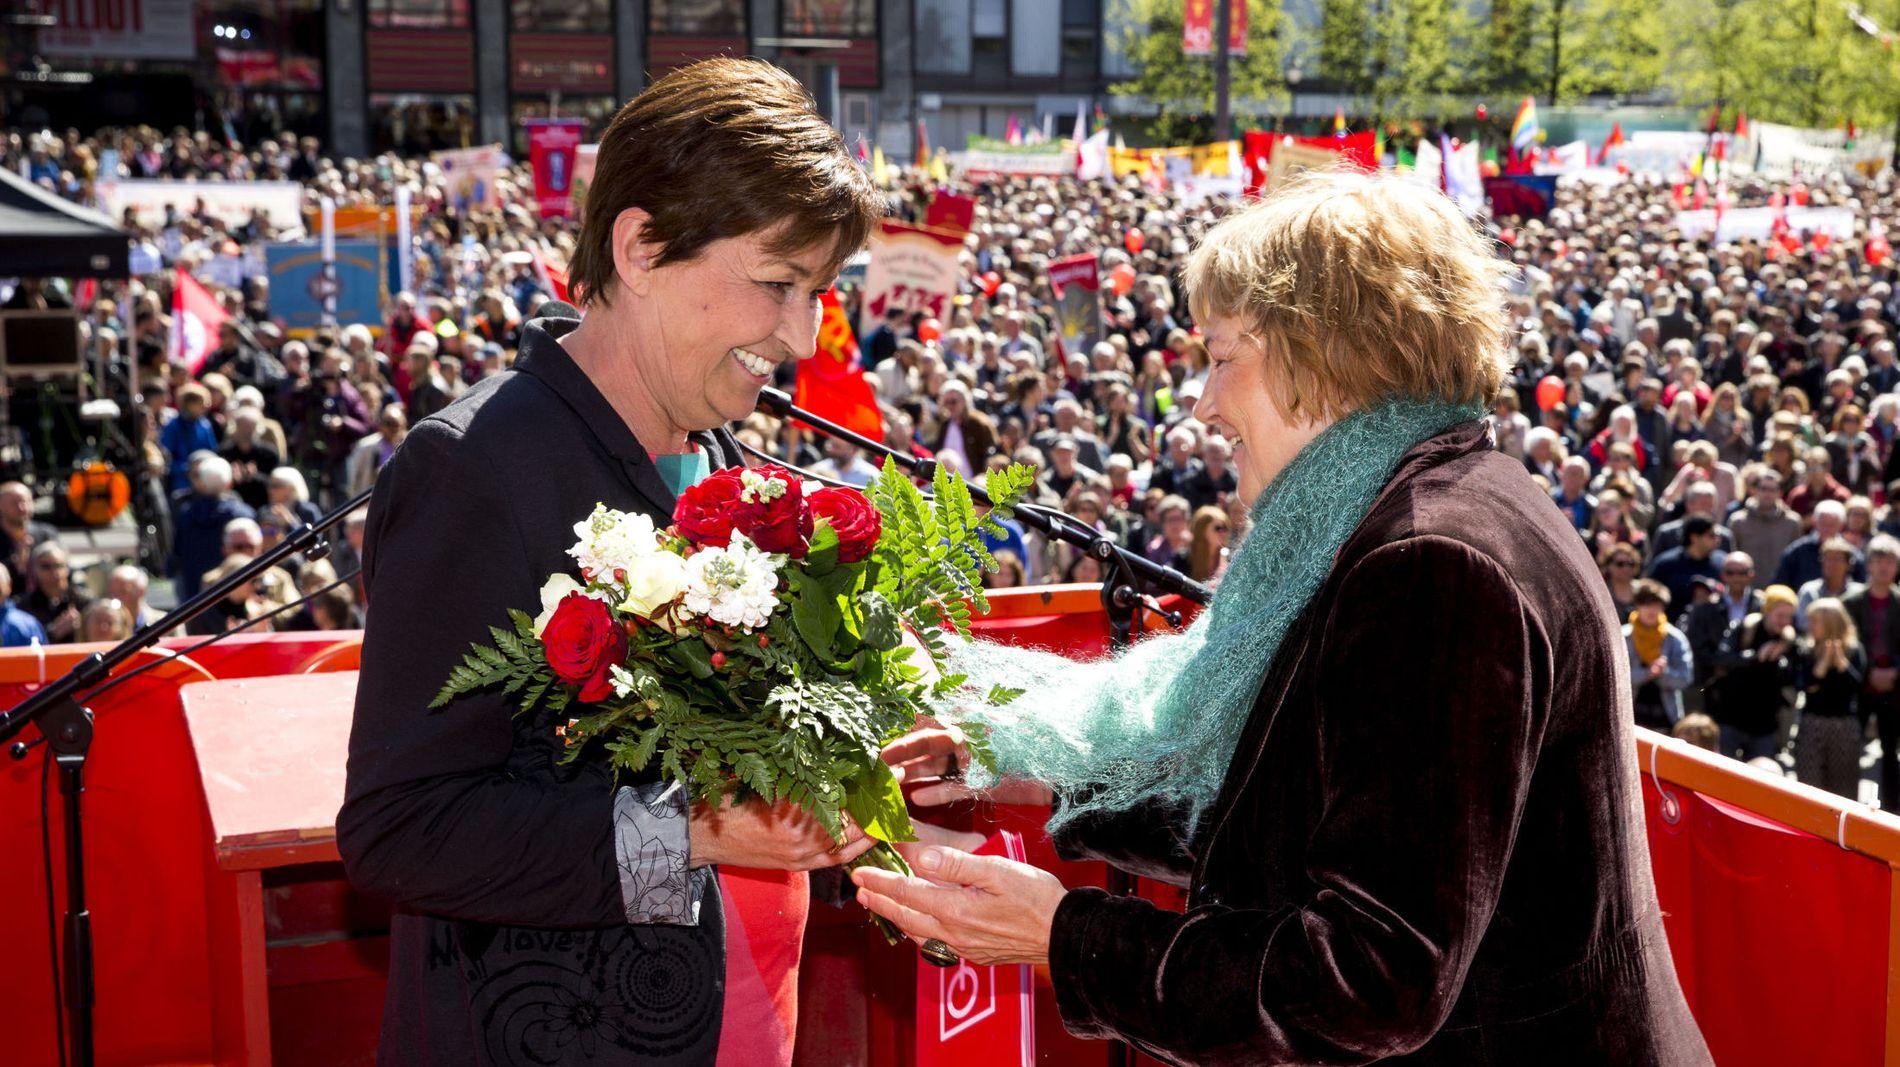 VIL INN I ARBEIDERPARTIETS SENTRALSTYRE: Her mottar LO-leder Gerd Kristiansen (t.v.) blomster etter at hun holdt 1. mai-tale på Youngstorget i Oslo torsdag.